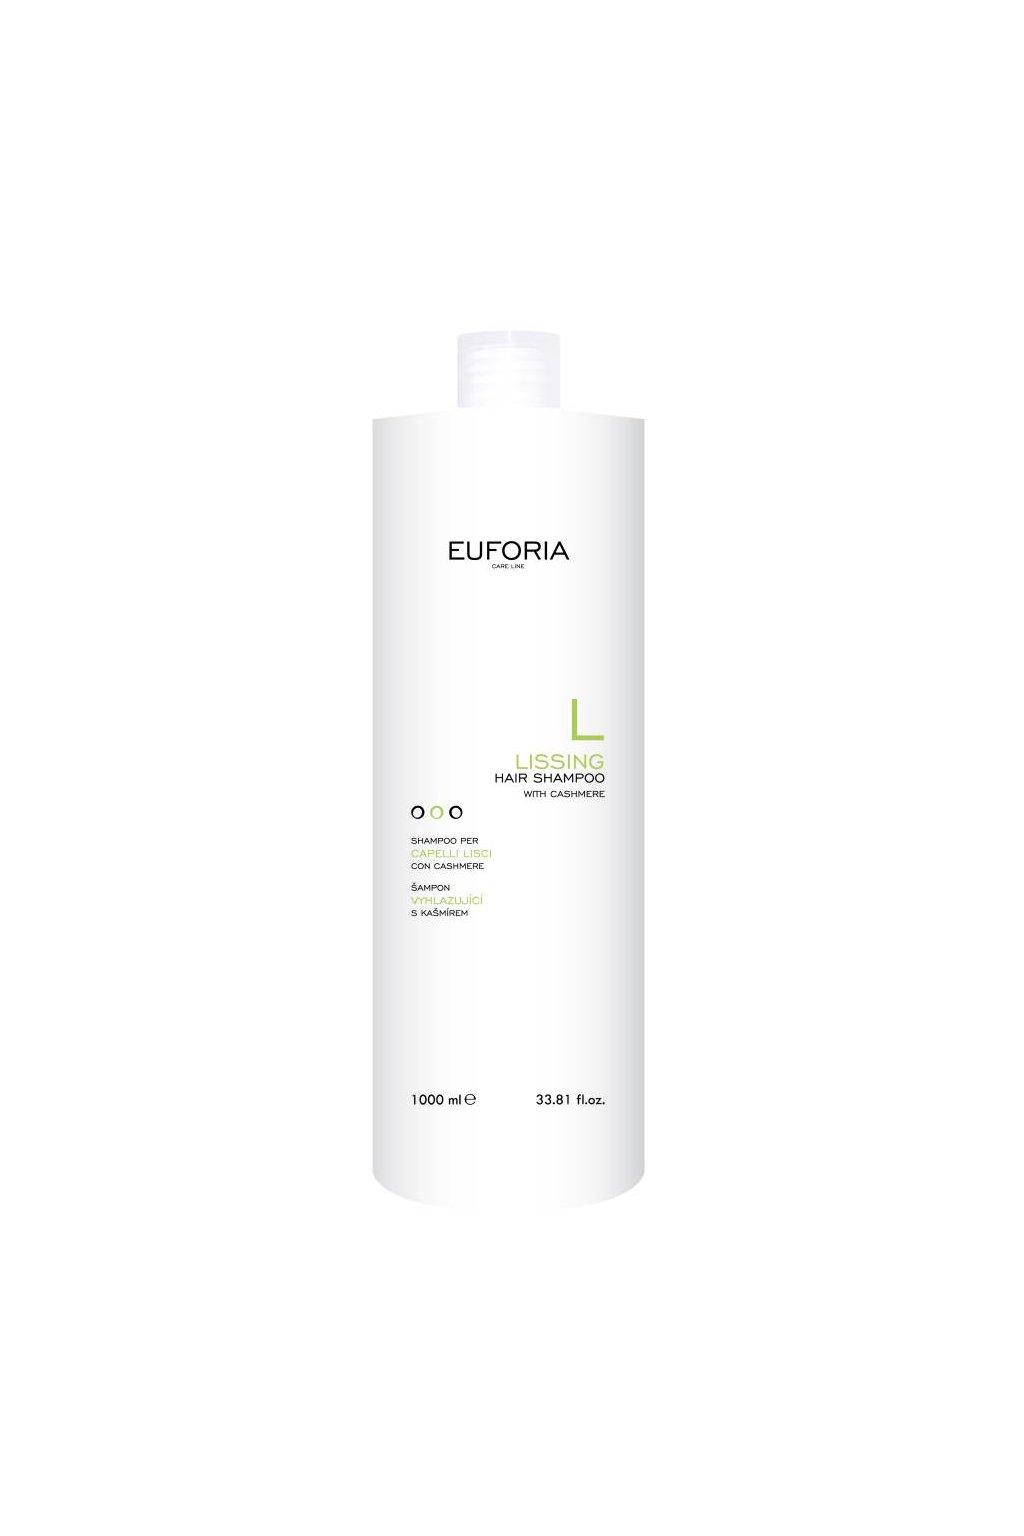 Euforia LISSING Šampon vyhlazující proti krepatění, regenerační s kašmírem 1000ml